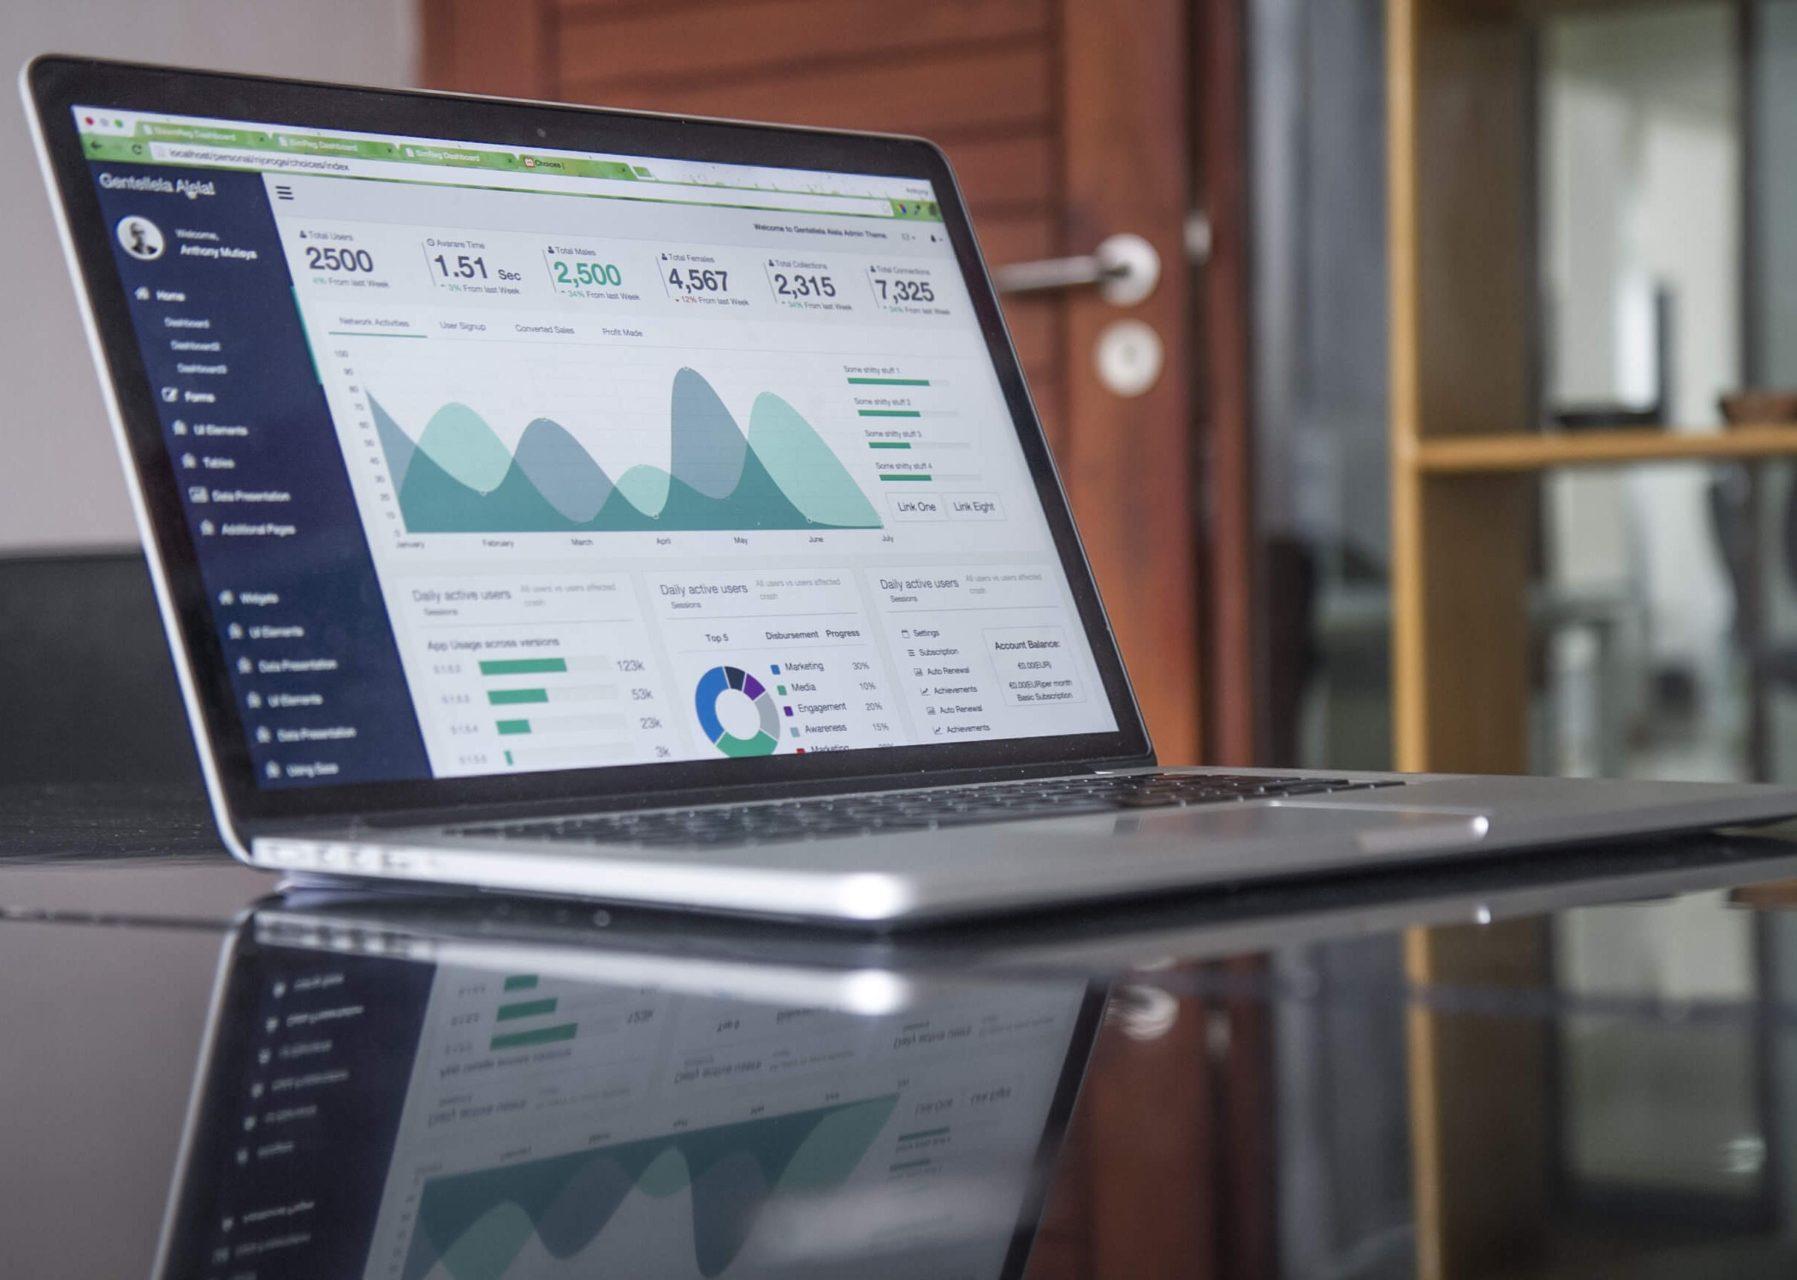 kryptowaehrung-kurse-investieren-kaufen-handeln-erfahrungen